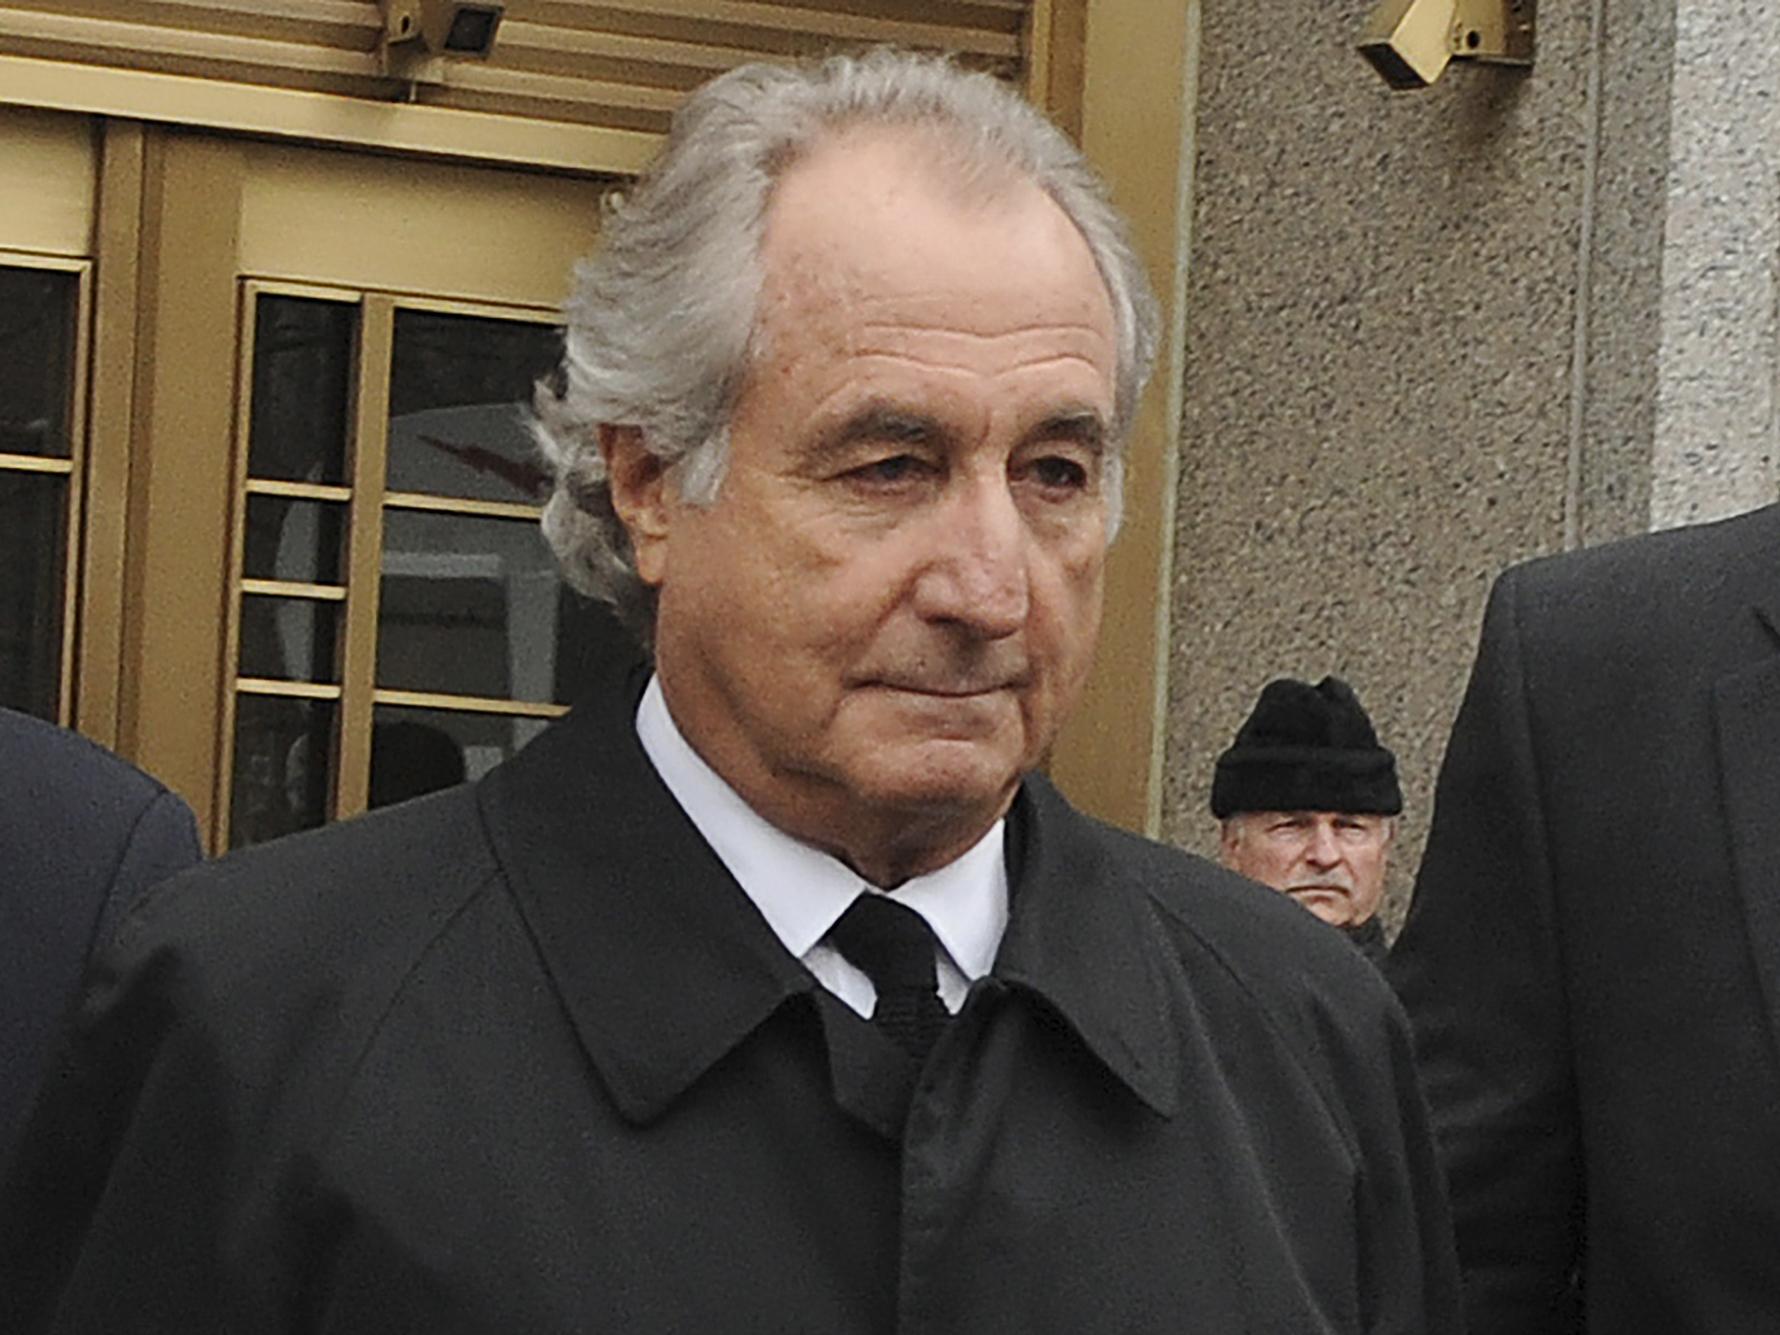 Bernie Madoff Notorious Ponzi Schemer Dies At 82 Npr